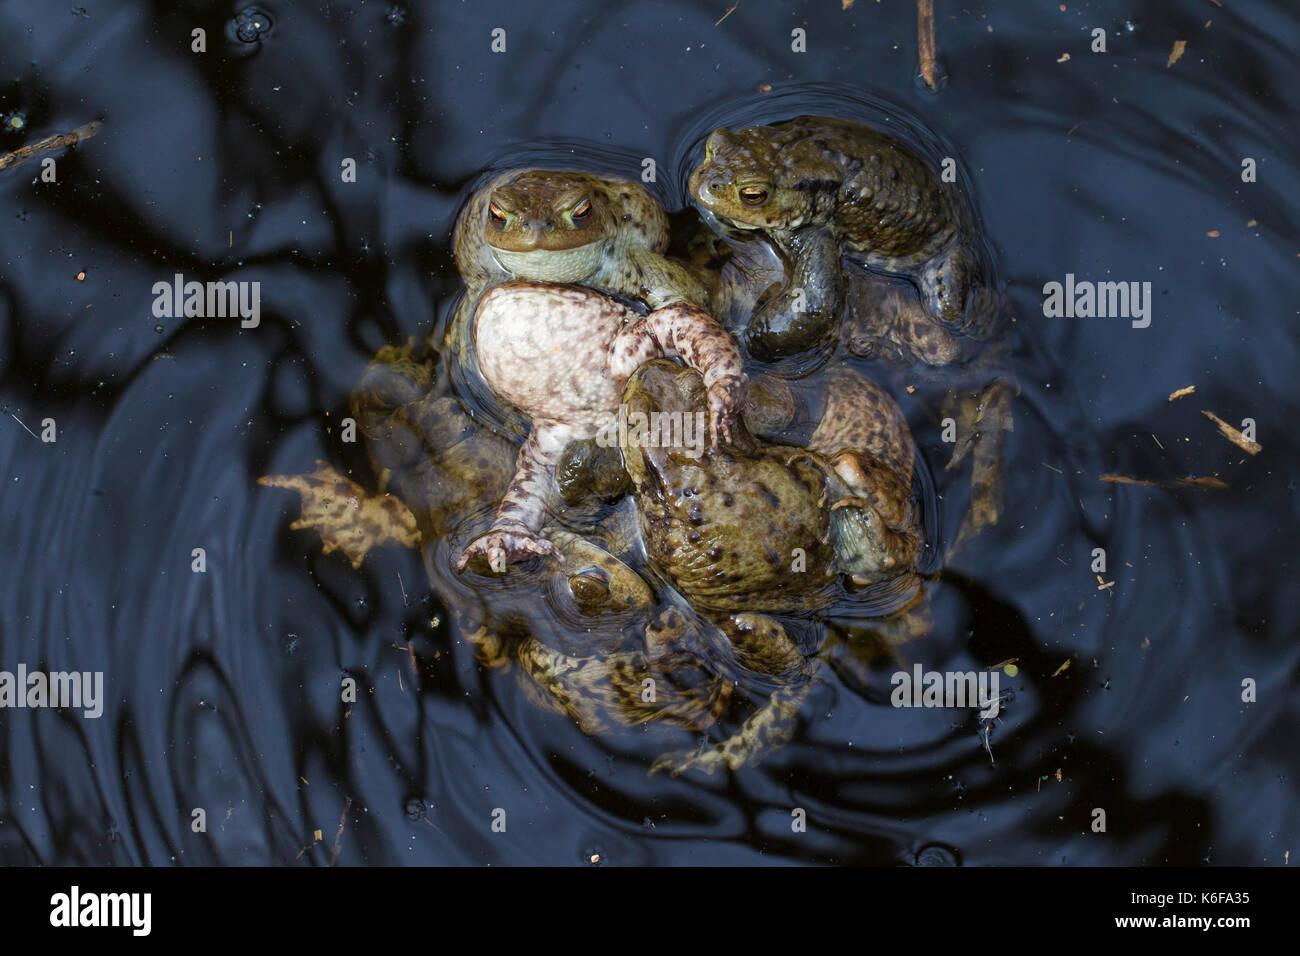 Erdkröte/Europäischen Kröten (Bufo bufo) in einen passenden Ball (mehrere amplexus) in Zucht Teich im Frühjahr Stockbild